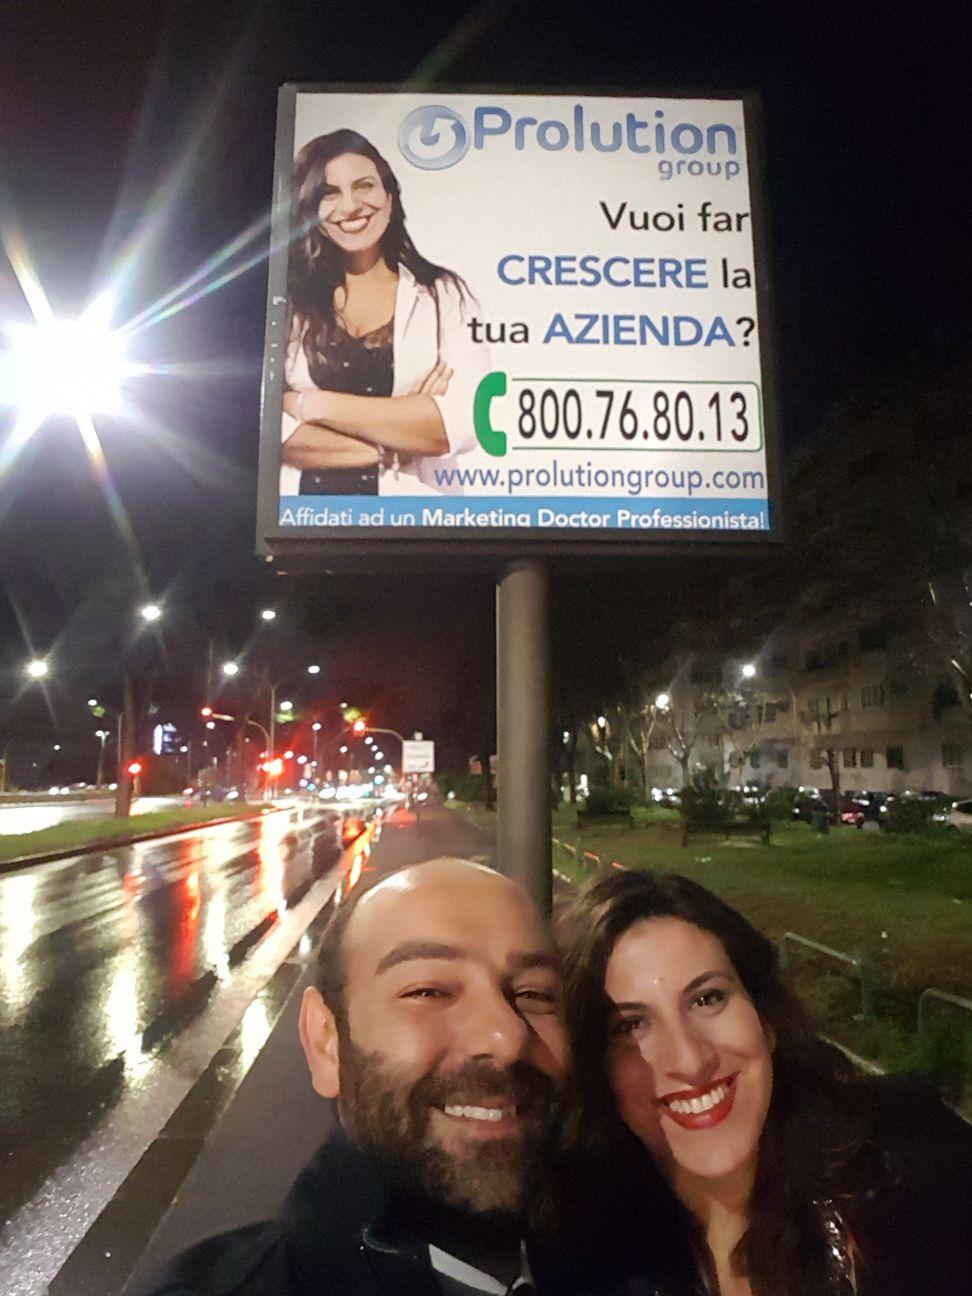 IMMAGINE Una sorriso conosciuto quella del cartellone, non pensate?!